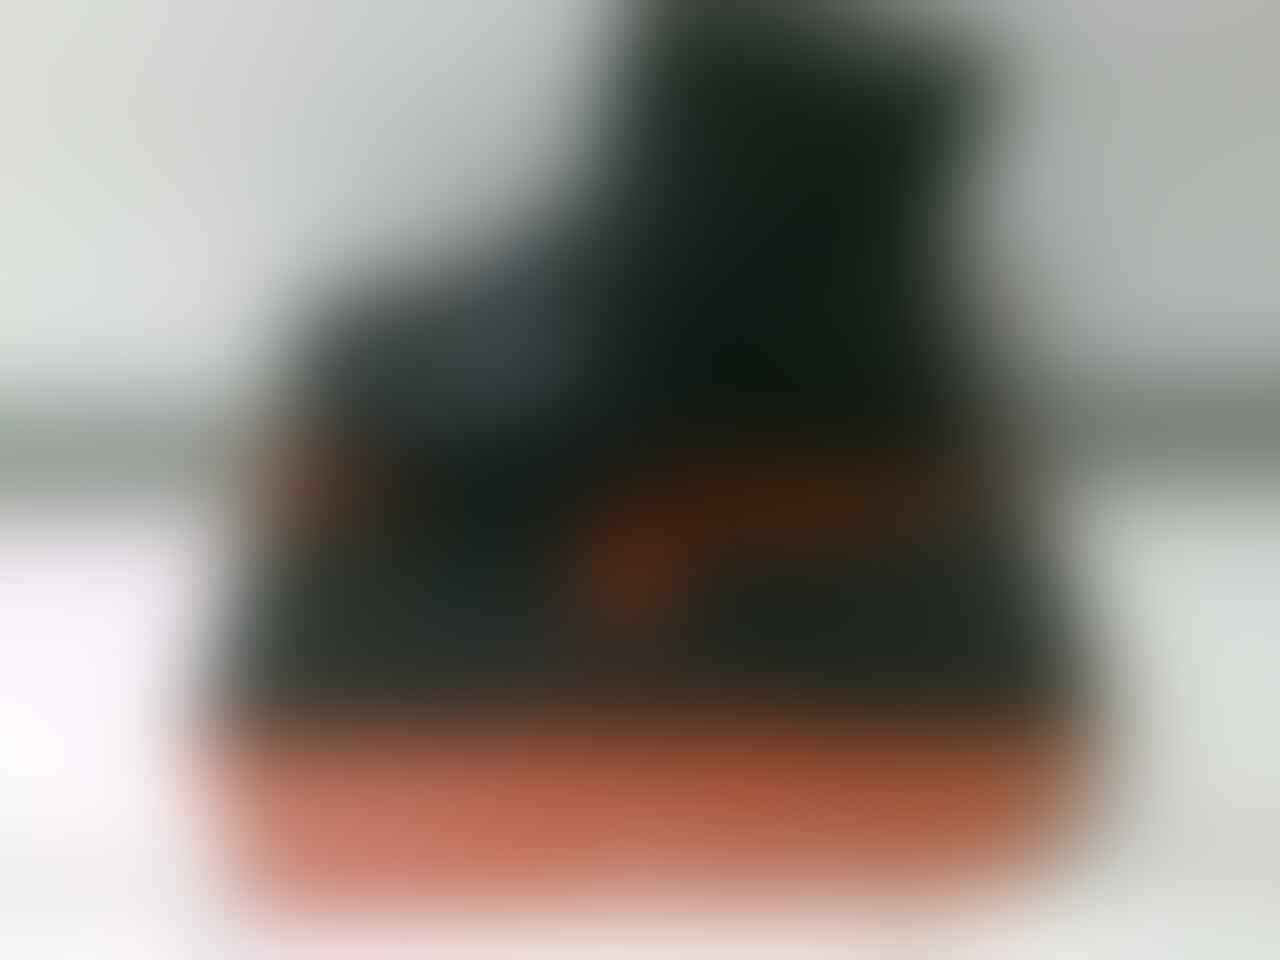 Dijual Sepatu Safety (Safety Shoes) merk KING'S uk. 42